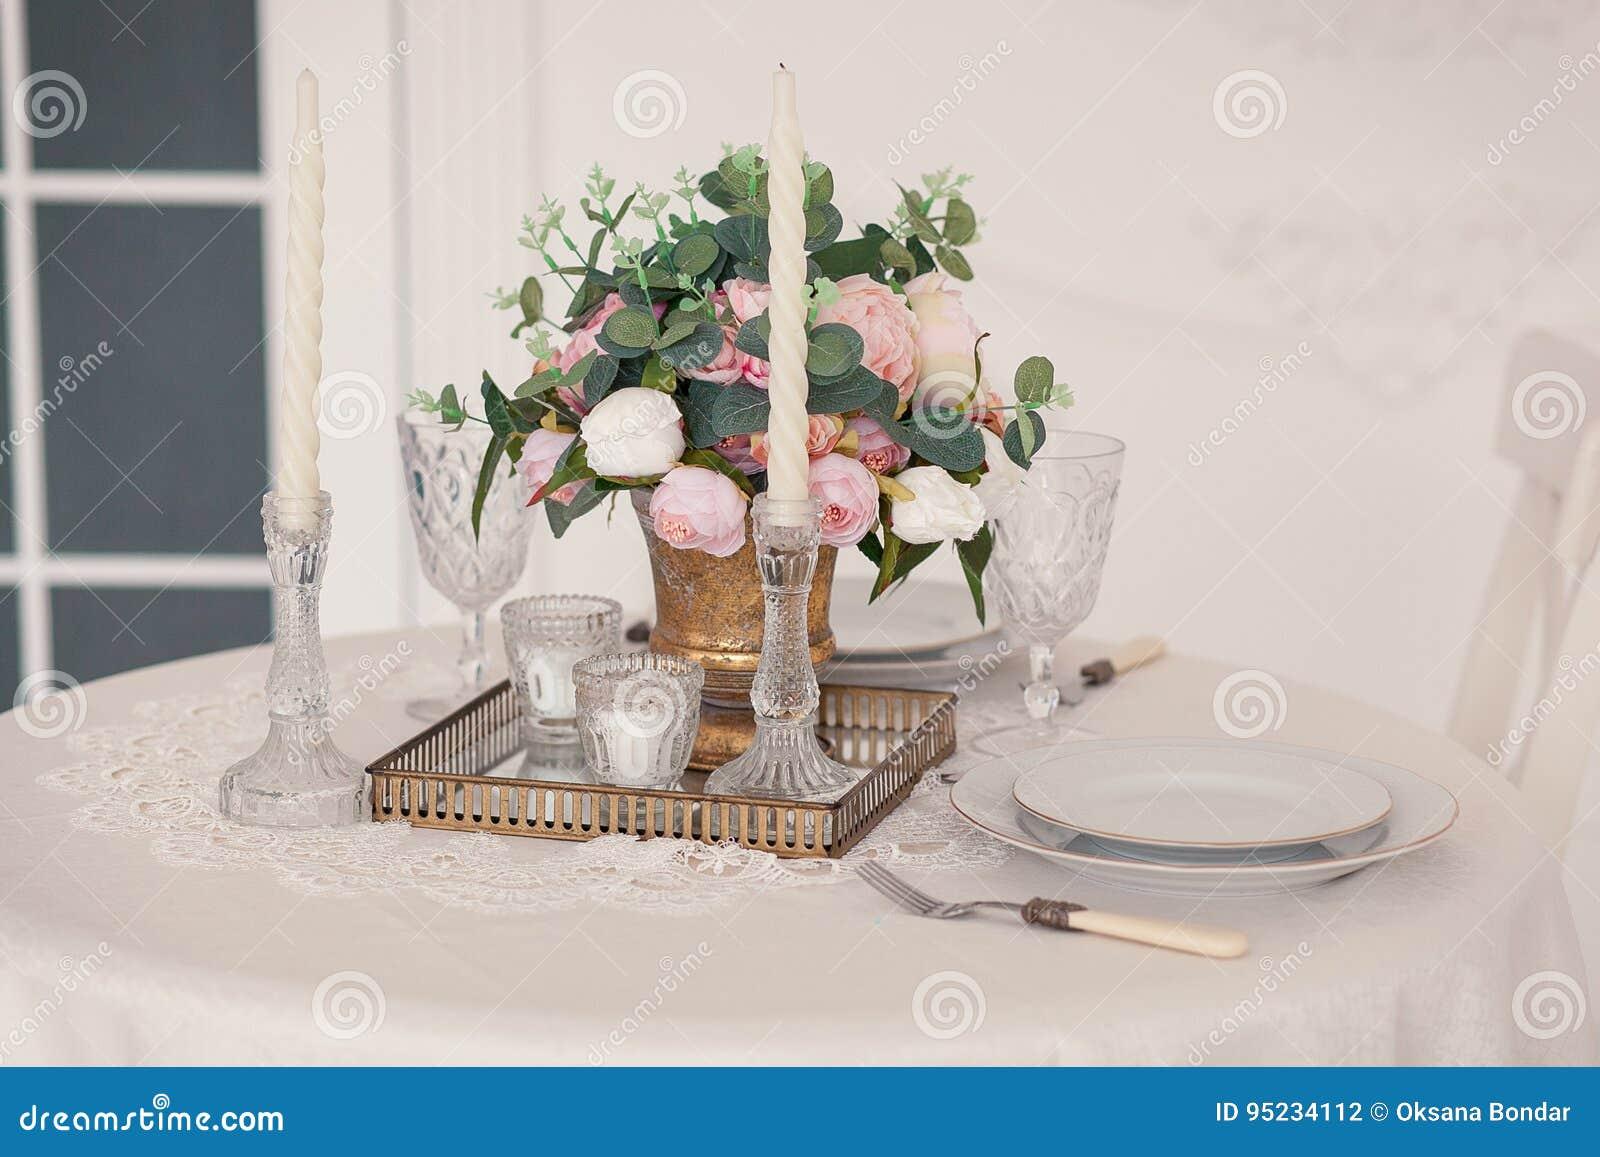 Arrangement De Table De Salle à Manger Au Style De La Provence, Avec Les  Bougies